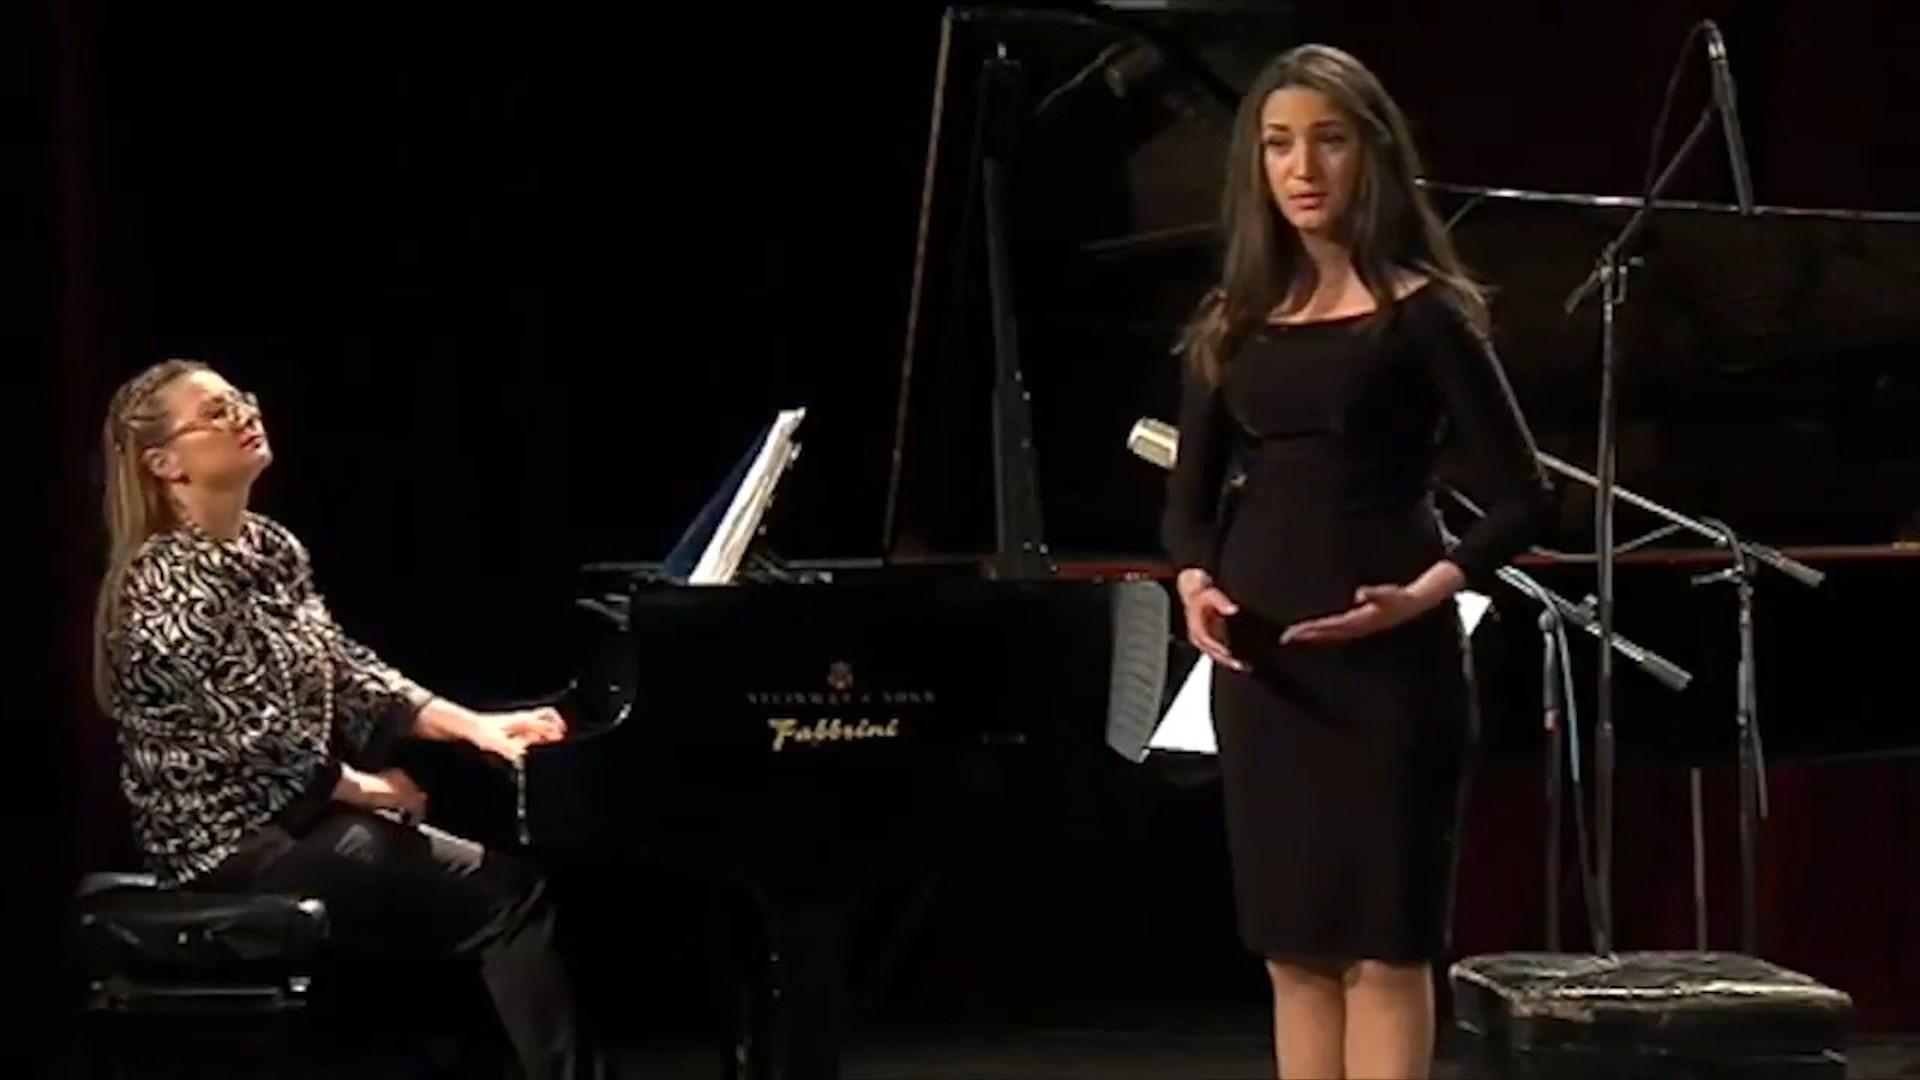 Një yll i ri i muzikës operistike në skenat e botës, shqiptarja Enkeleda Kamani